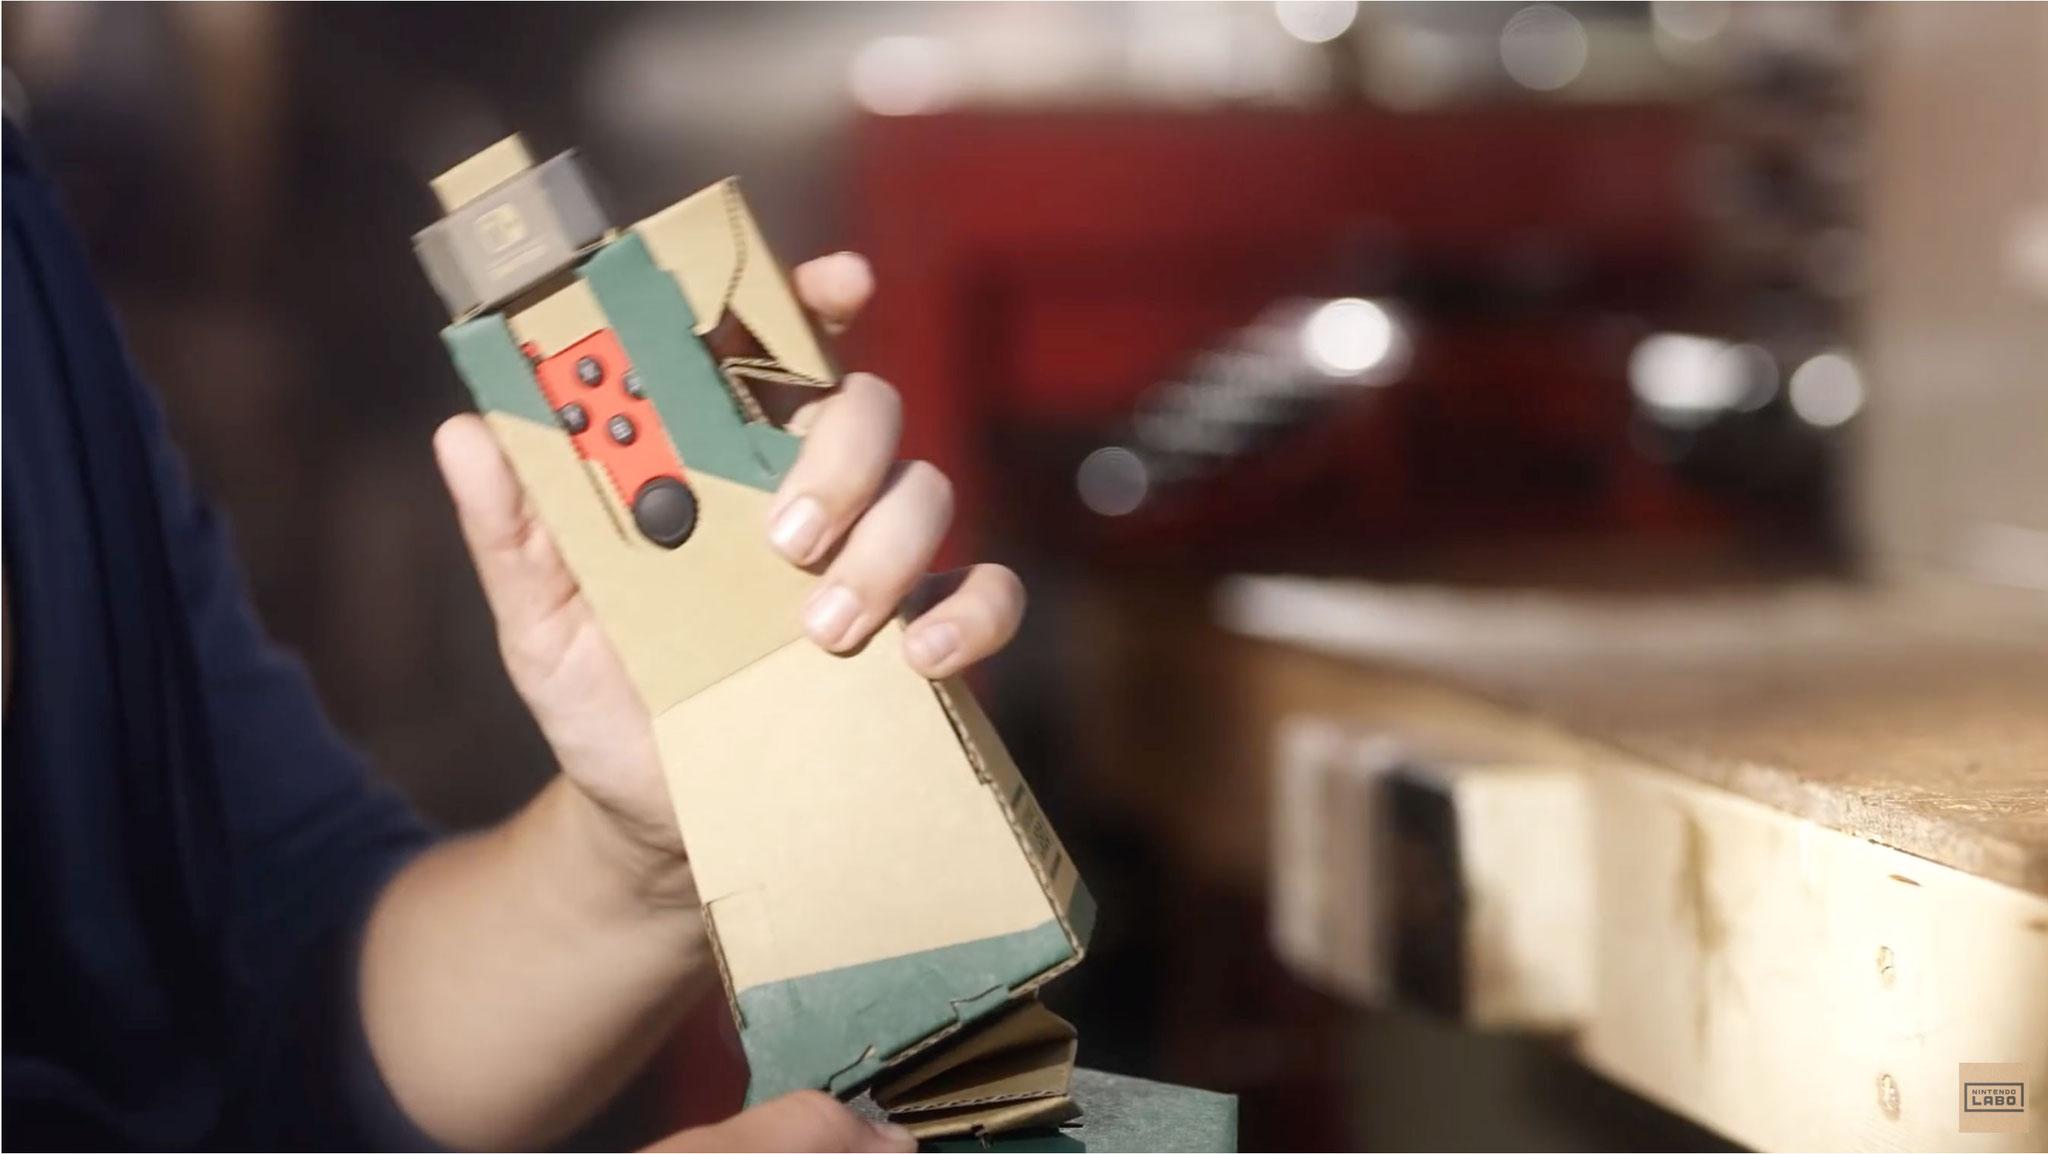 """Wie für die """"Labo""""-Sets typisch, werden die Switch-Joy-Cons in selbst gebastelte Papp-Controller - die """"Toy-Cons"""" - gesteckt. Auf diese Weise lassen sich die Vehikel im Spiel steuern."""